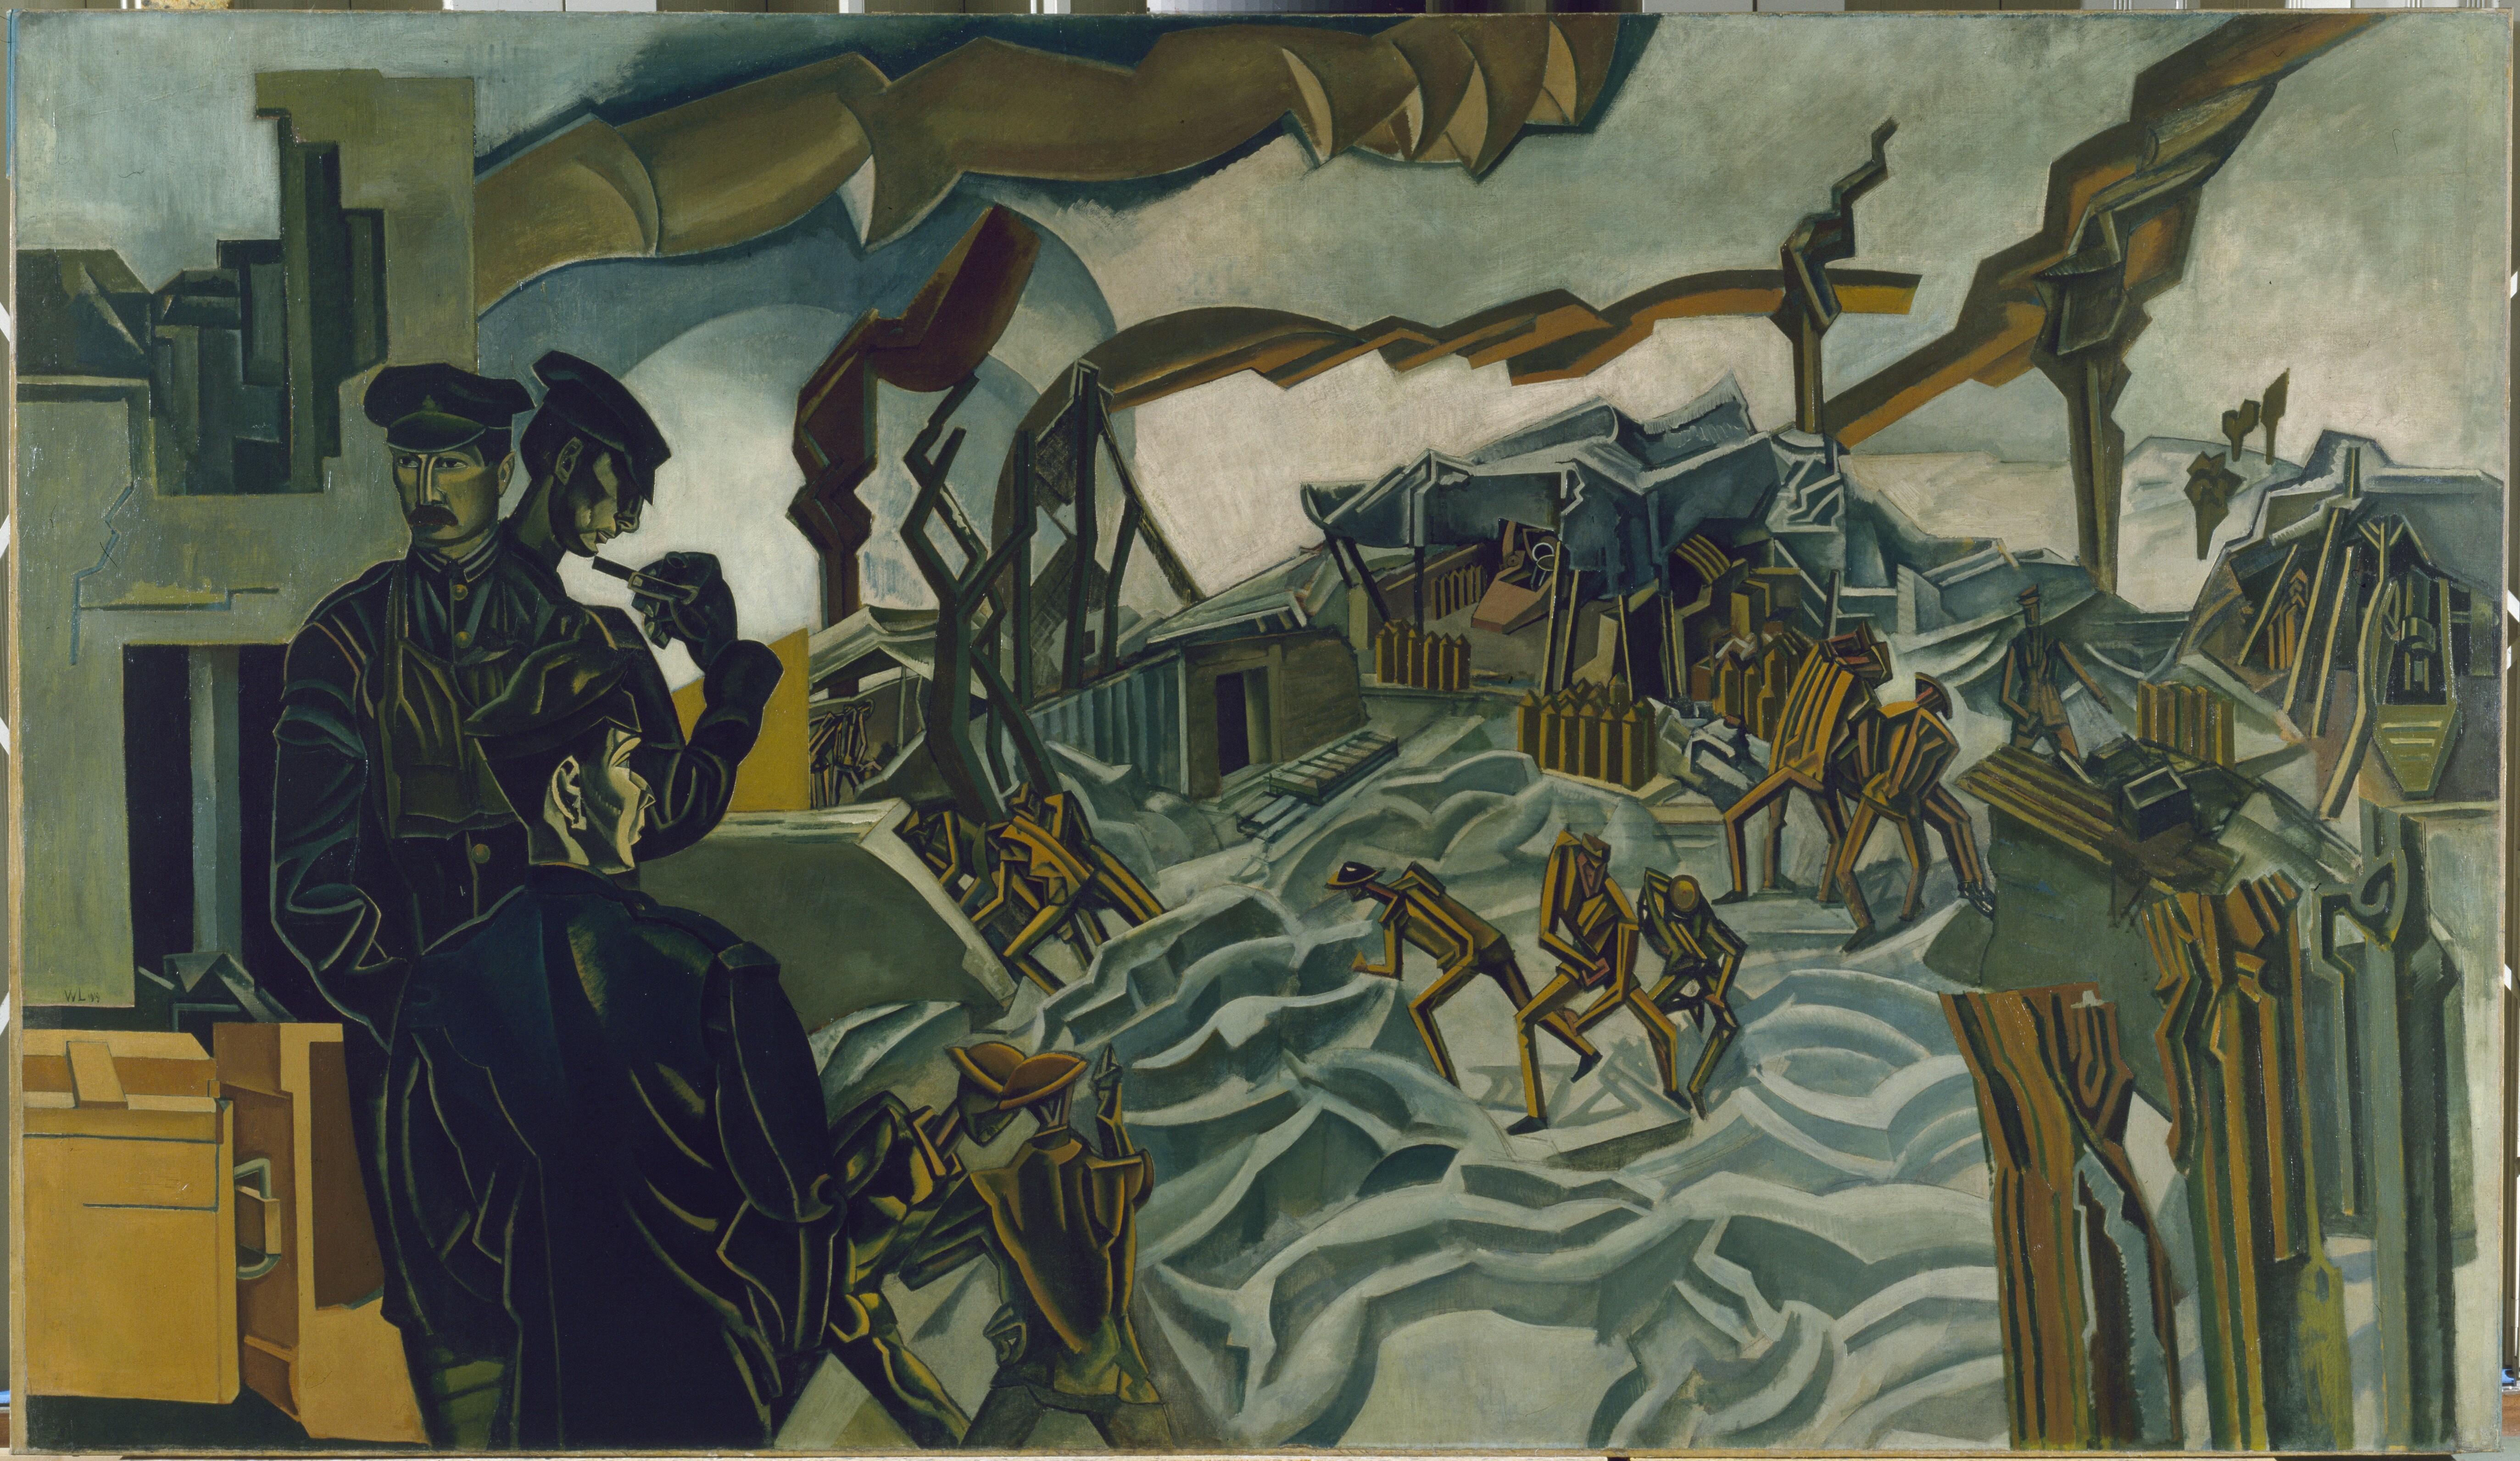 Avant La Premiere Guerre Mondiale L Art Etait Deja Pense En Tant Que Pouvoir D Intervention Social Slate Fr